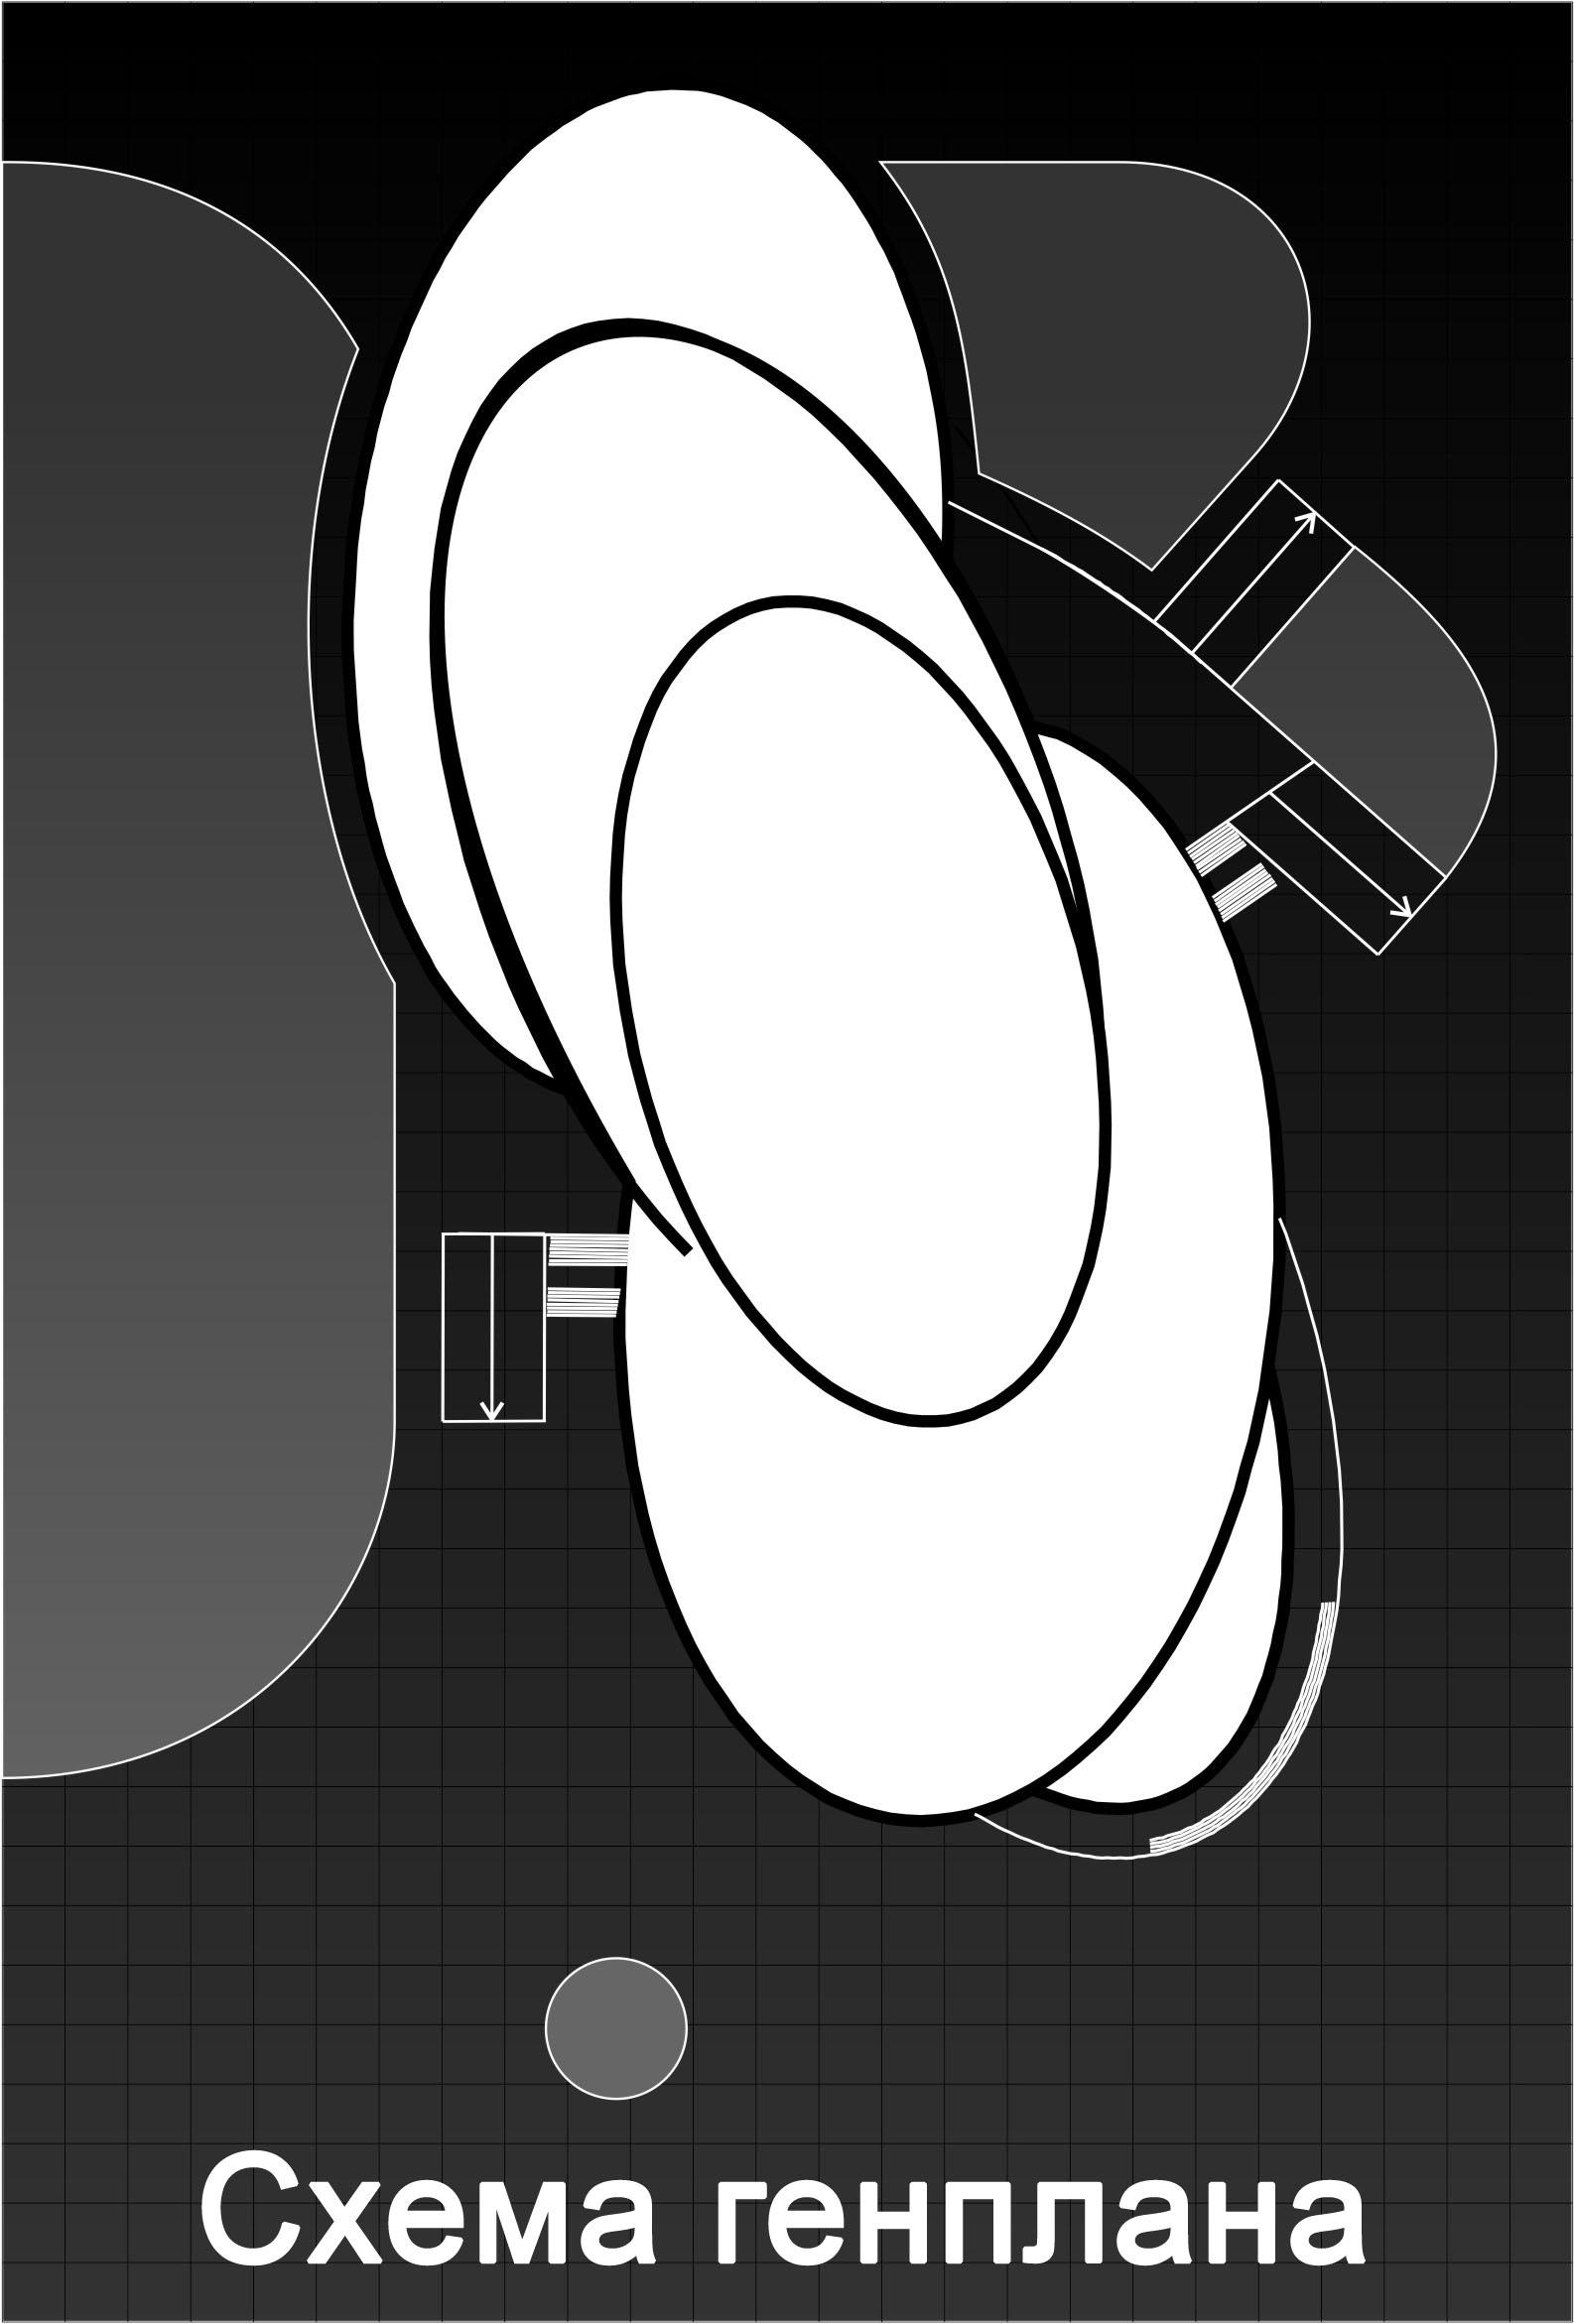 Разработка архитектурной концепции театра оперы и балета фото f_09752f67c70bcc30.jpg